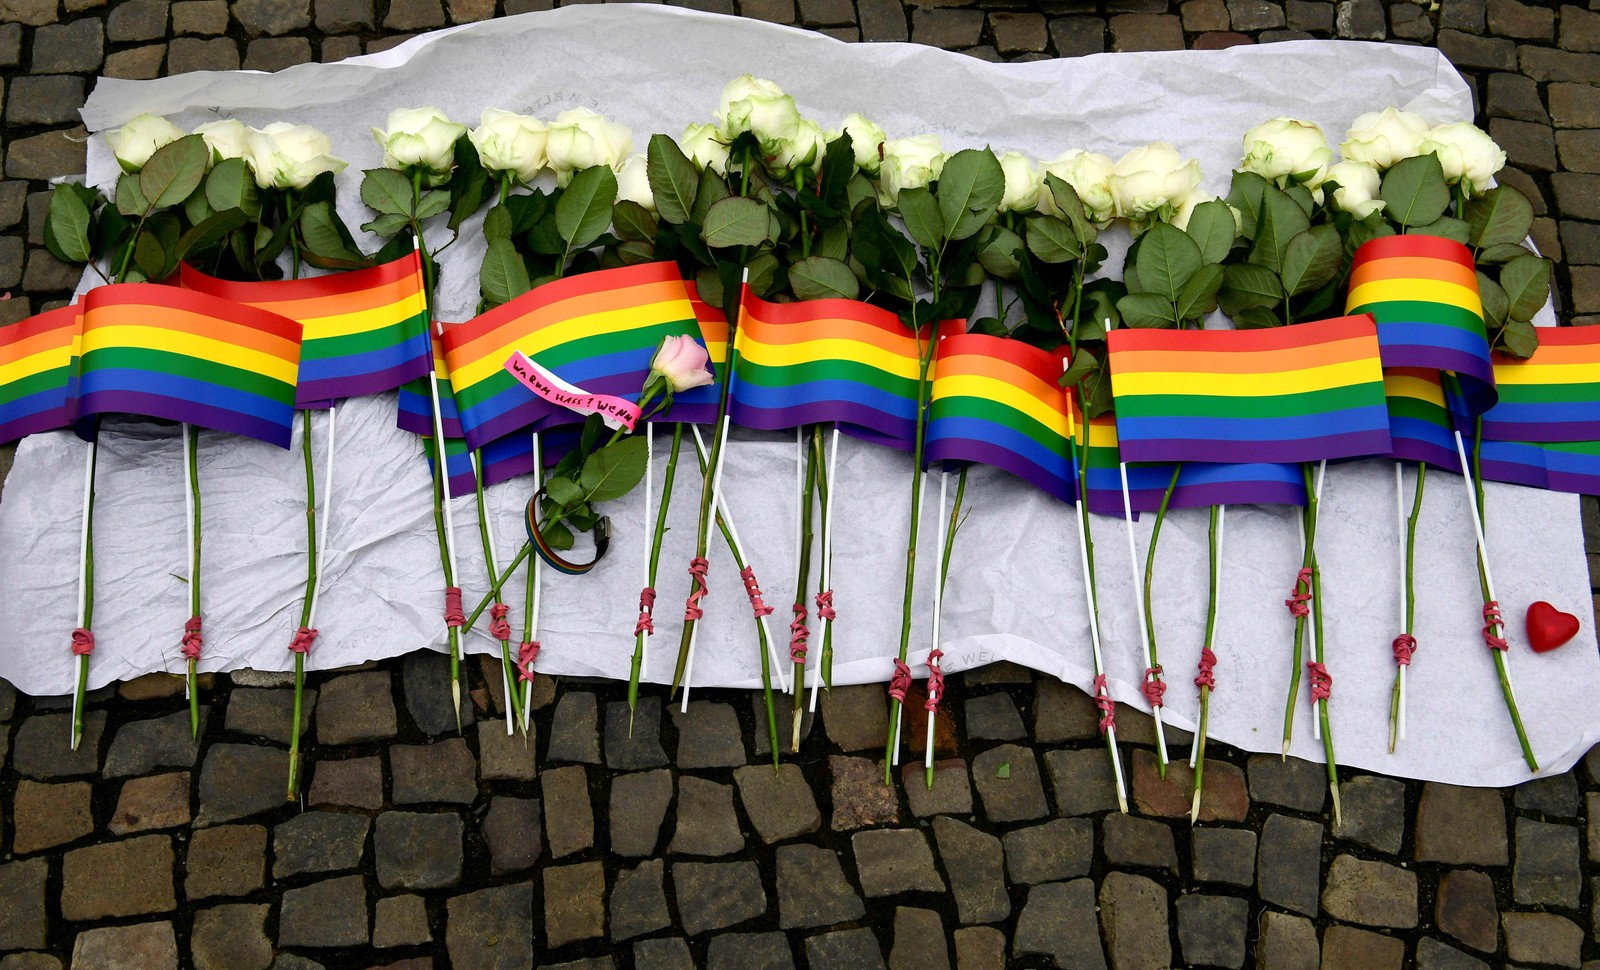 TYSKLAND: Det ble lagt igjen blomster og regnbueflagg utenfor den amerikanske ambassaden i Berlin mandag.